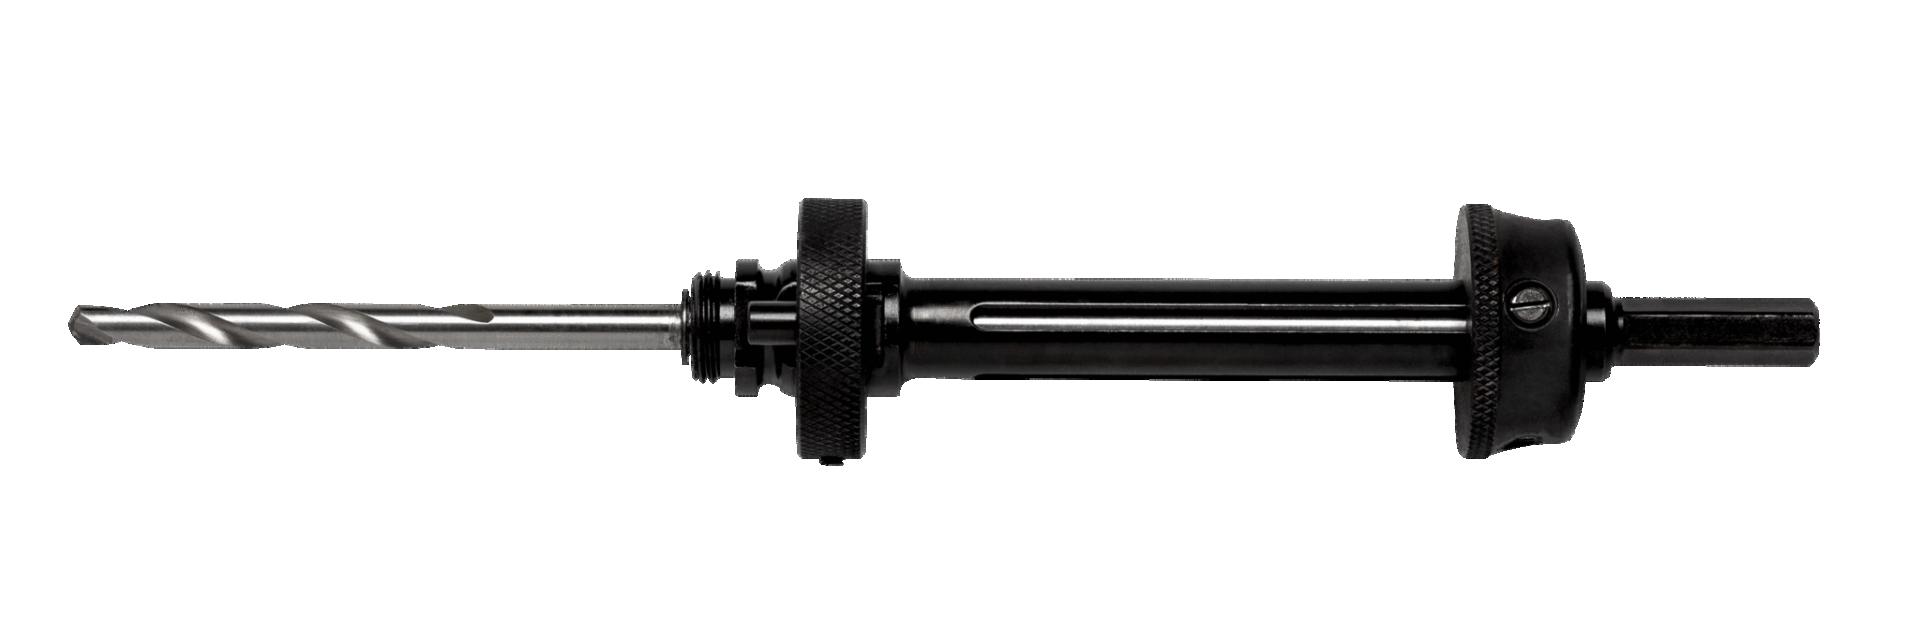 Uchwyt do otwornic z wyrzutnikiem 32 - 152 mm Quick-Eject BAHCO (nr kat. 3834-ARBR-9100ESM)